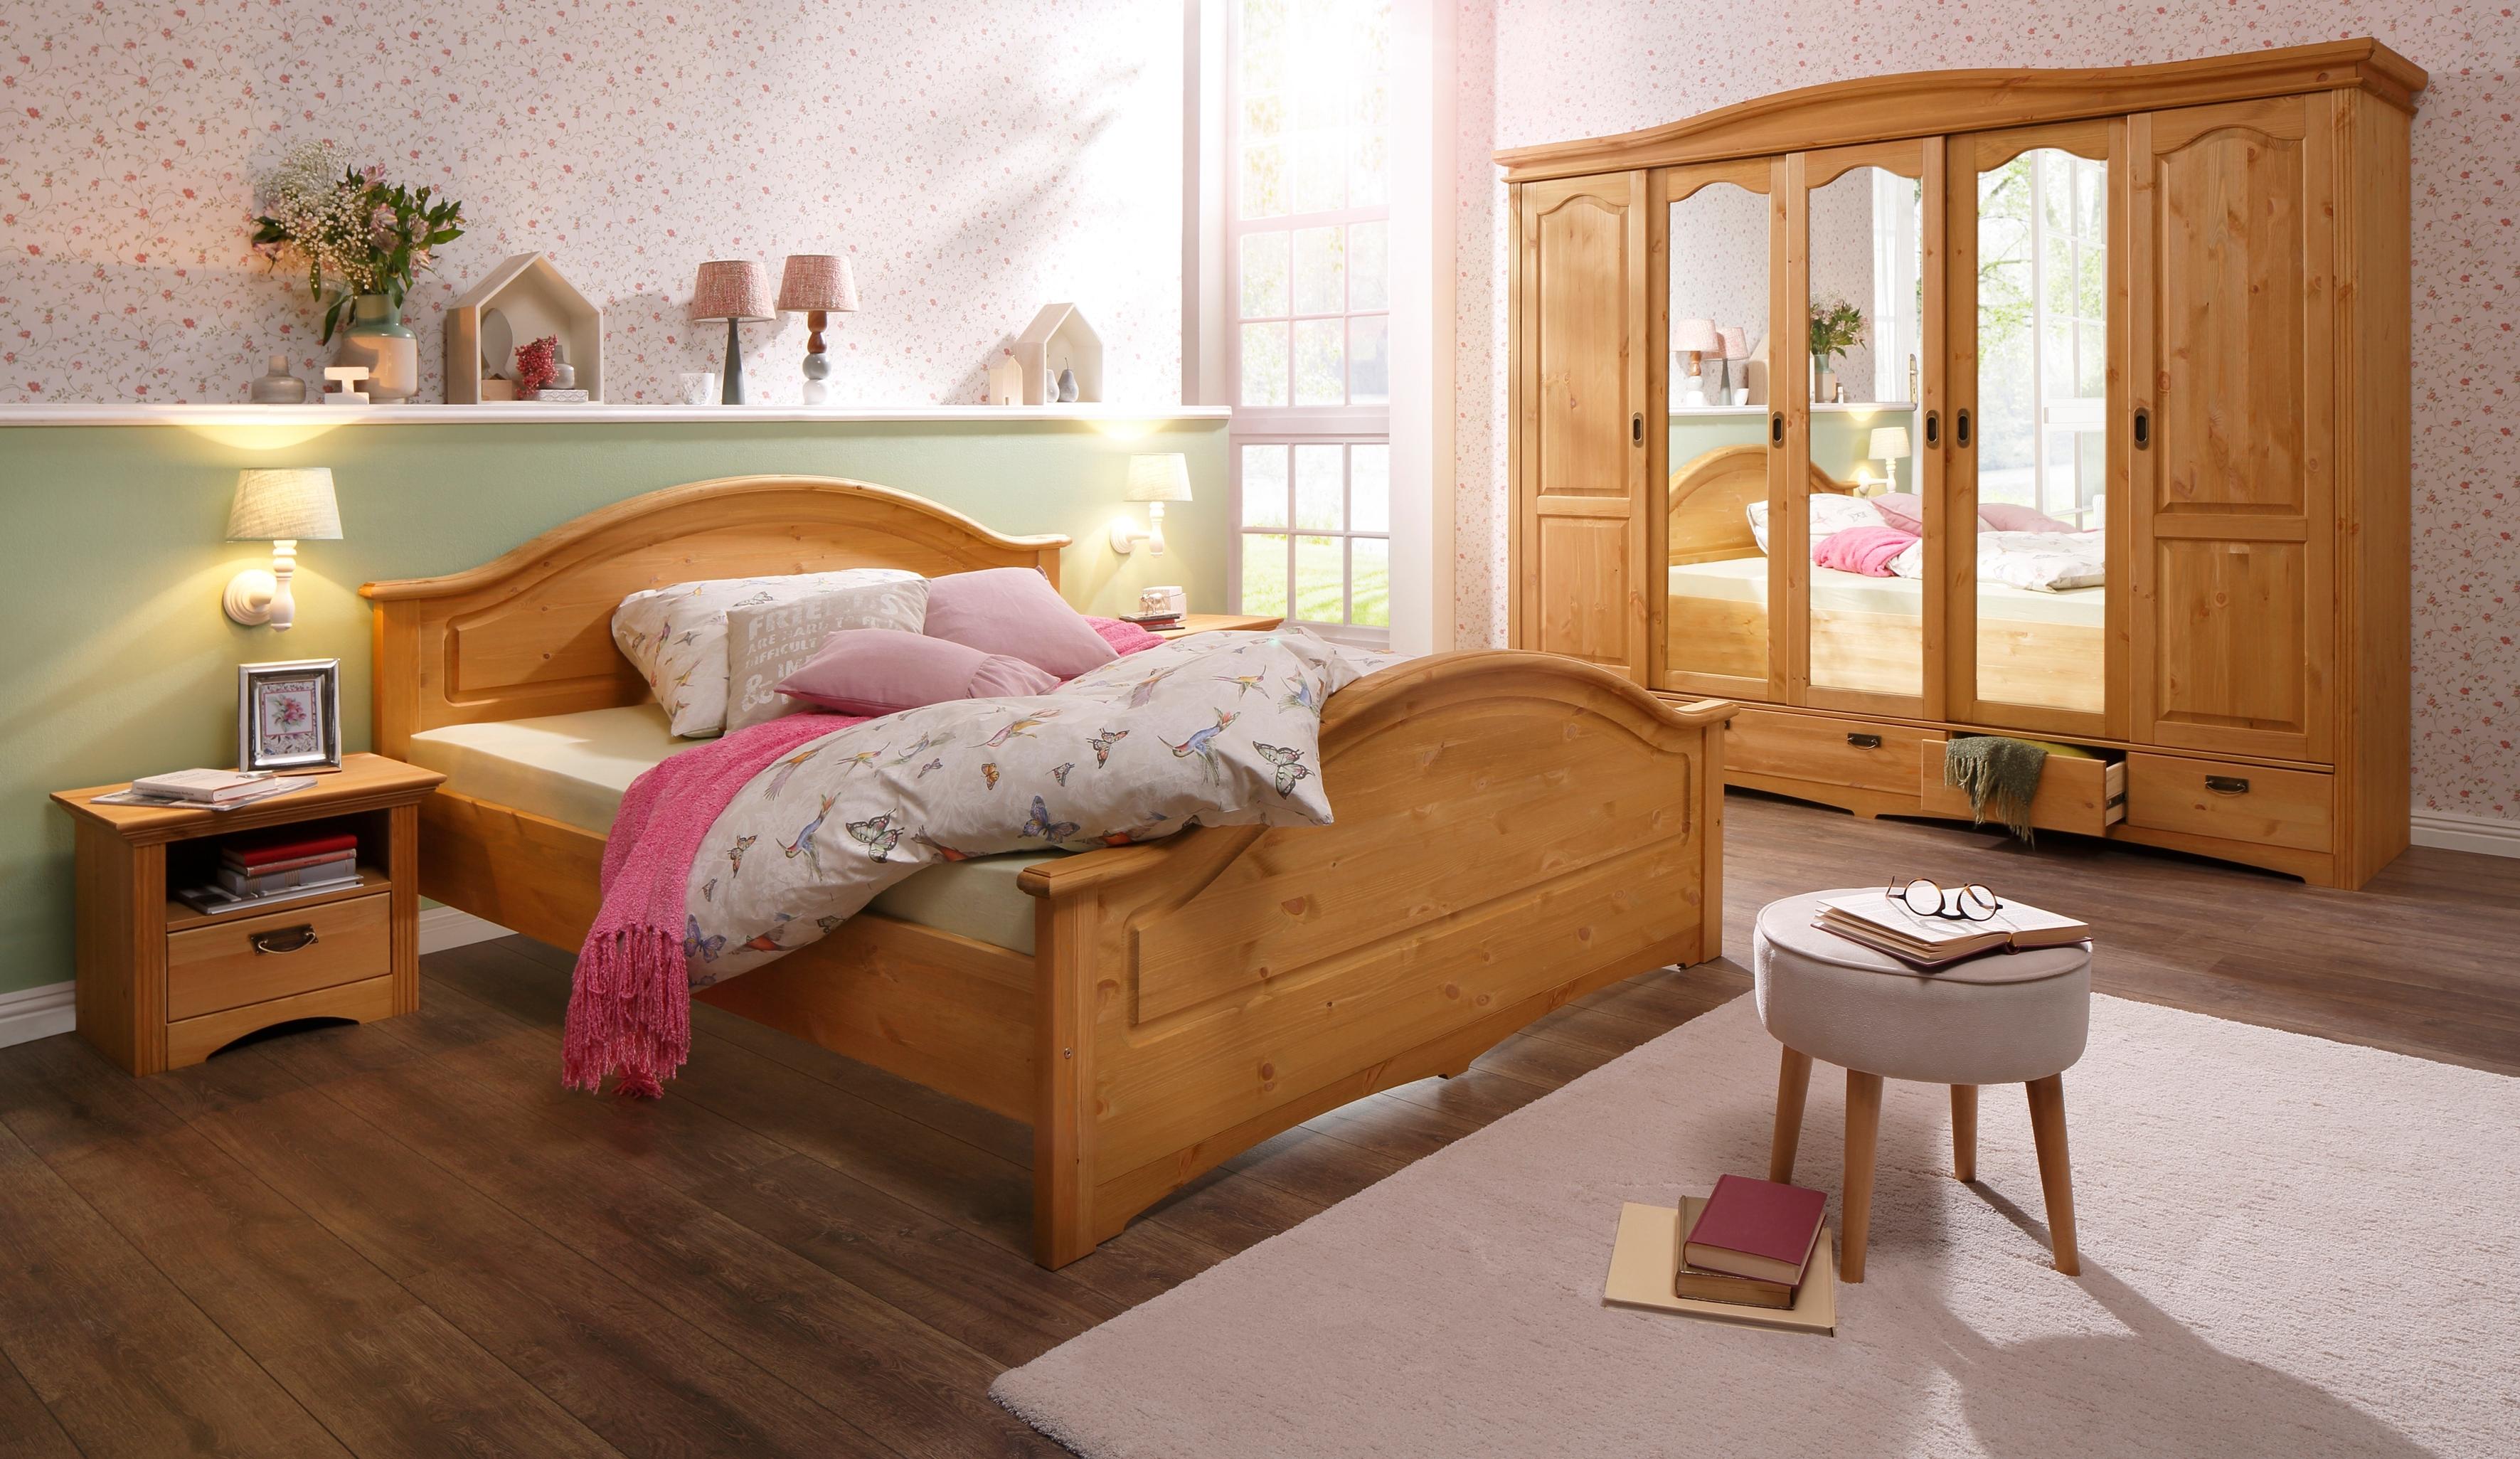 Home affaire slaapkamerserie Konrad met 5-deurs kledingkast, bed 180x200 cm en 2 nachtkastjes (set, 5 stuks) veilig op otto.nl kopen